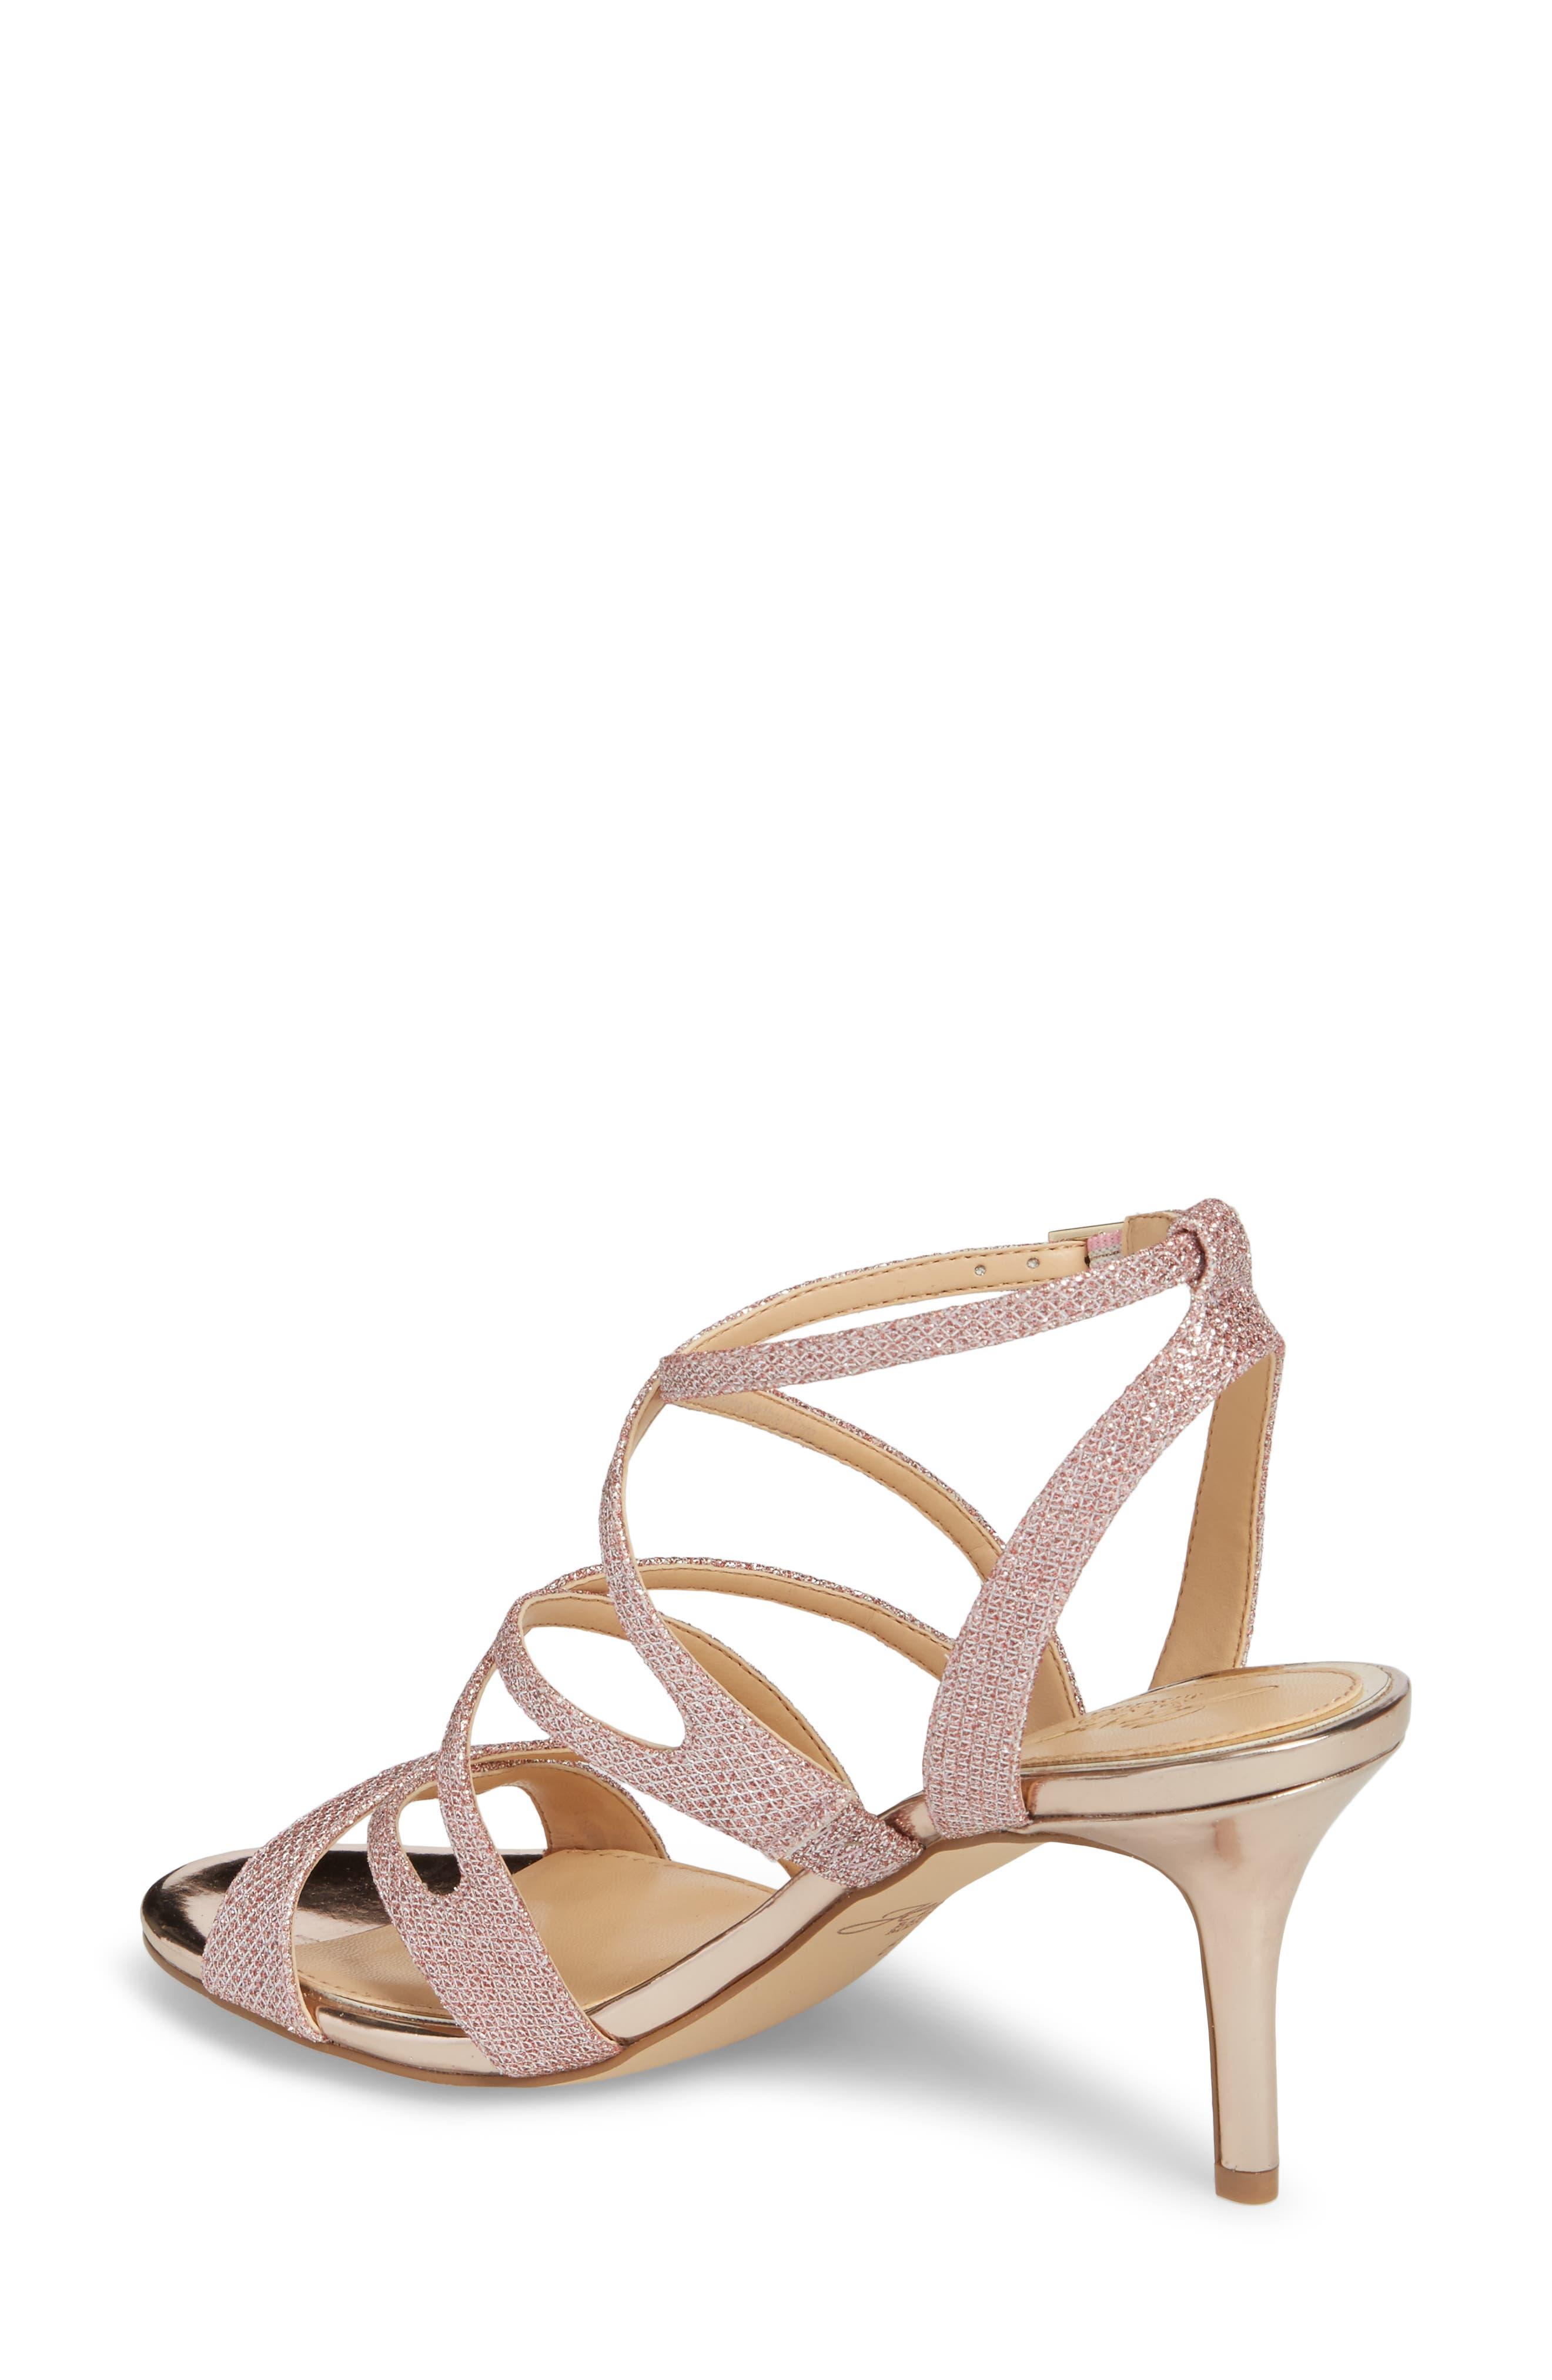 Tasha Glitter Sandal,                             Alternate thumbnail 2, color,                             Rose Gold Glitter